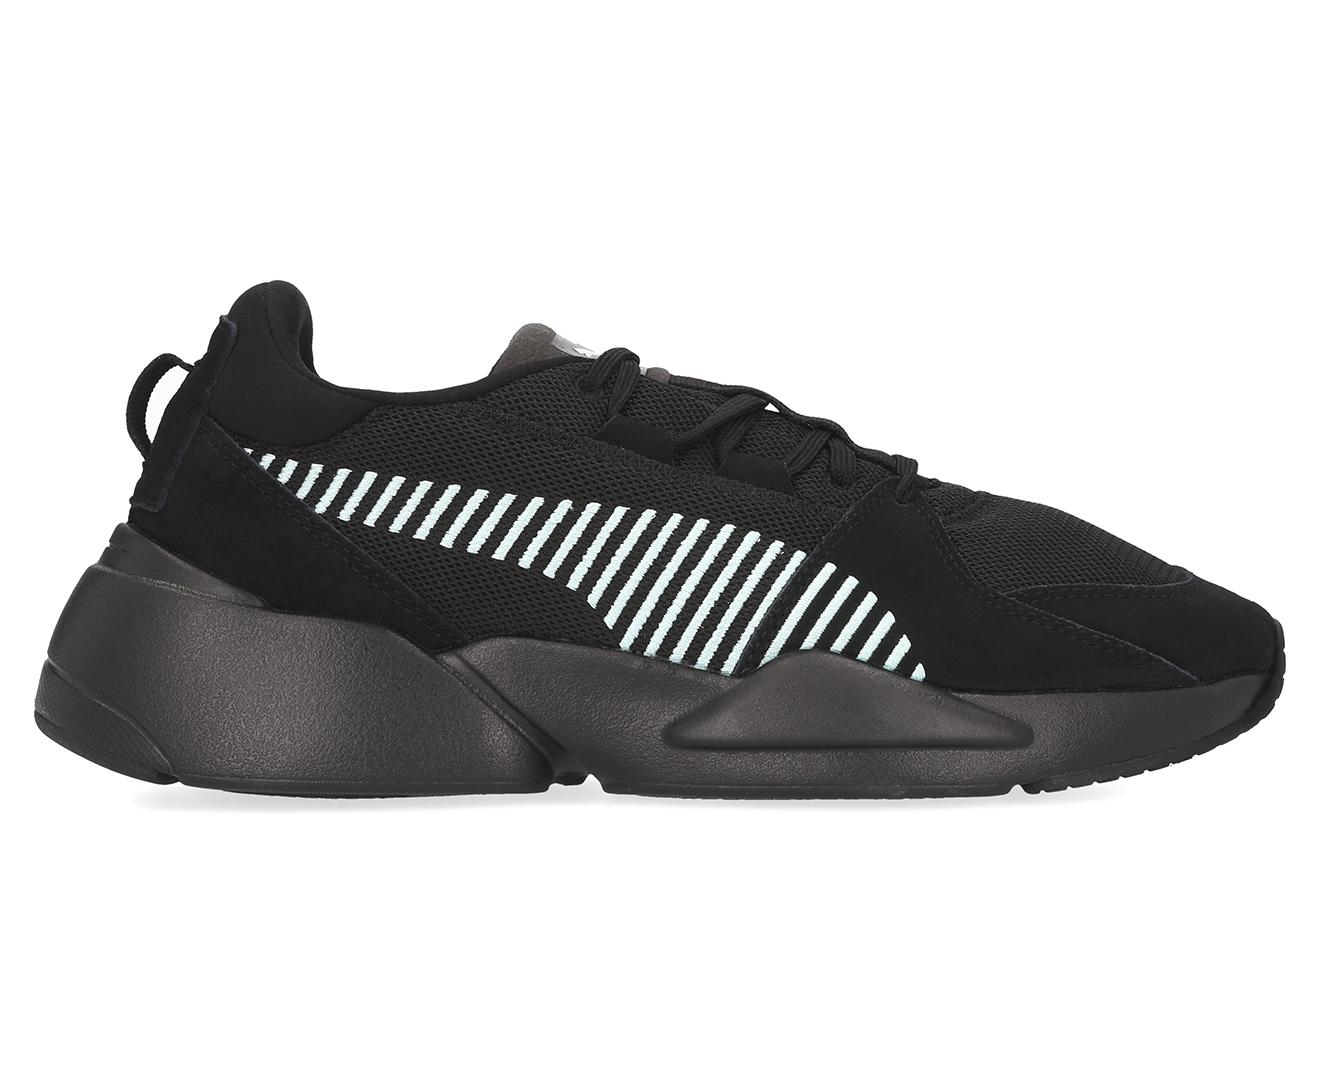 Details about Puma Men's Zeta Suede Shoe Black